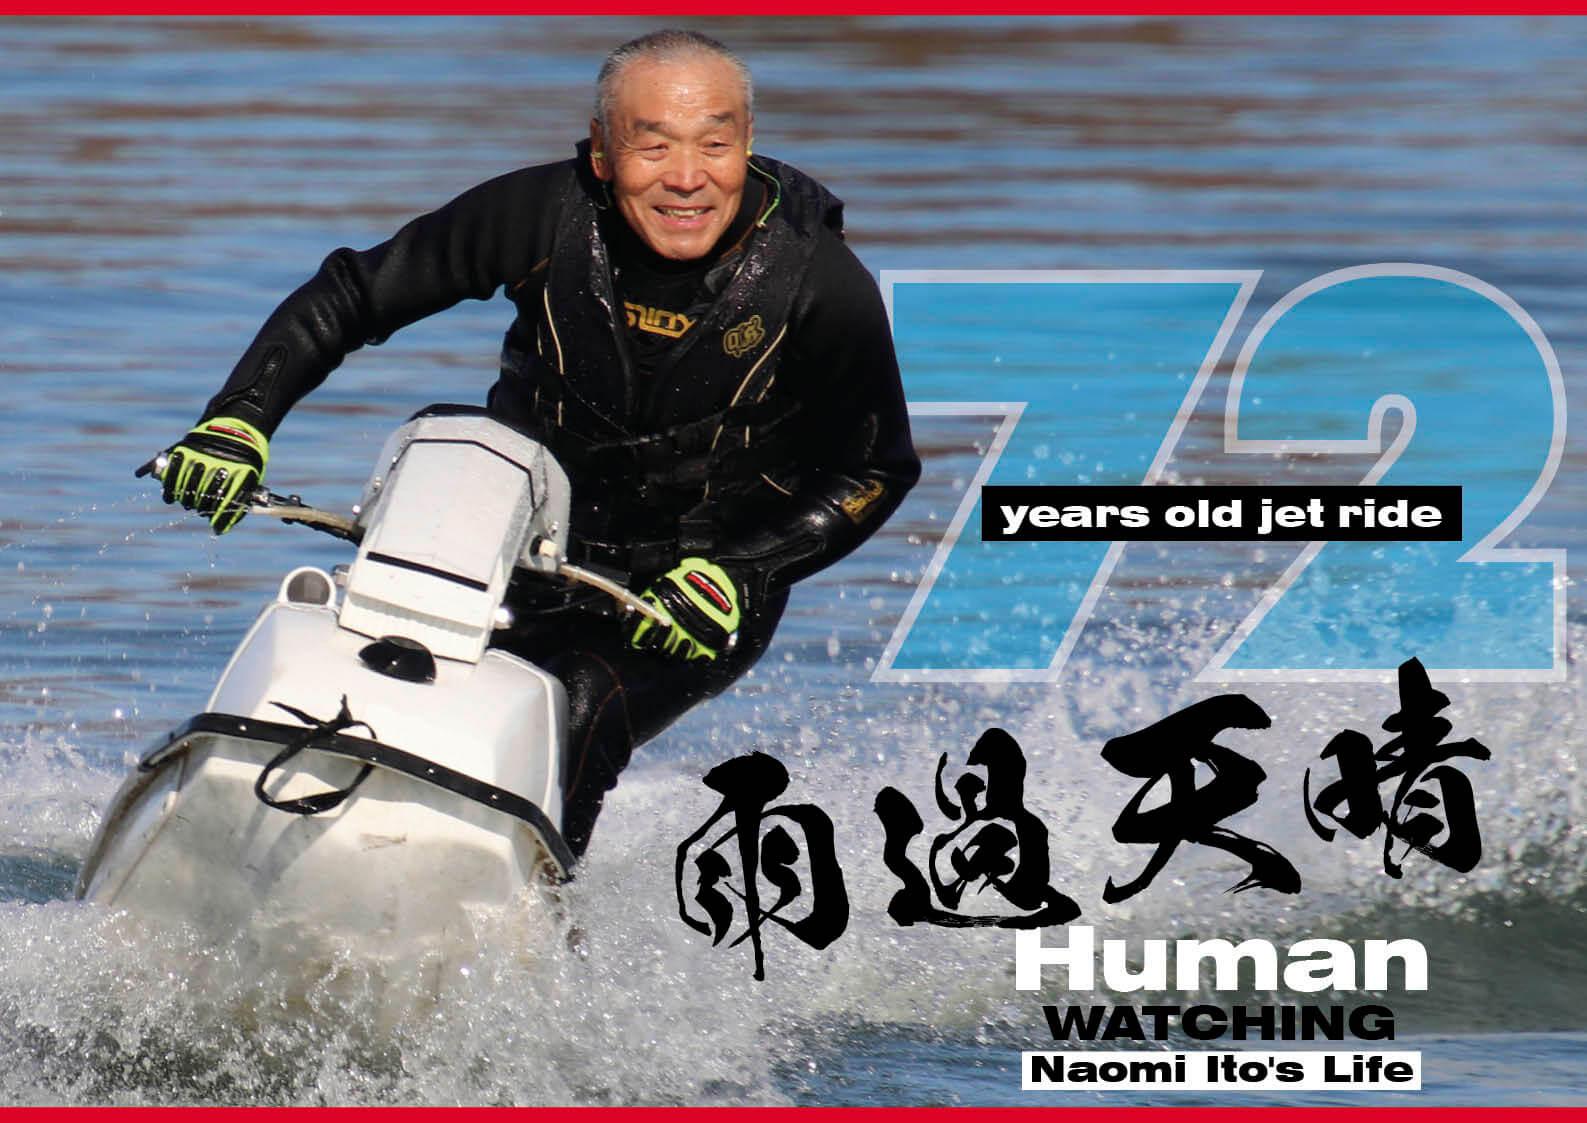 31年間追い続けている背中  Mr.スタンドアッパー桜井直樹が語る「竹野下正治」という選手 ジェットスキー(水上バイク)